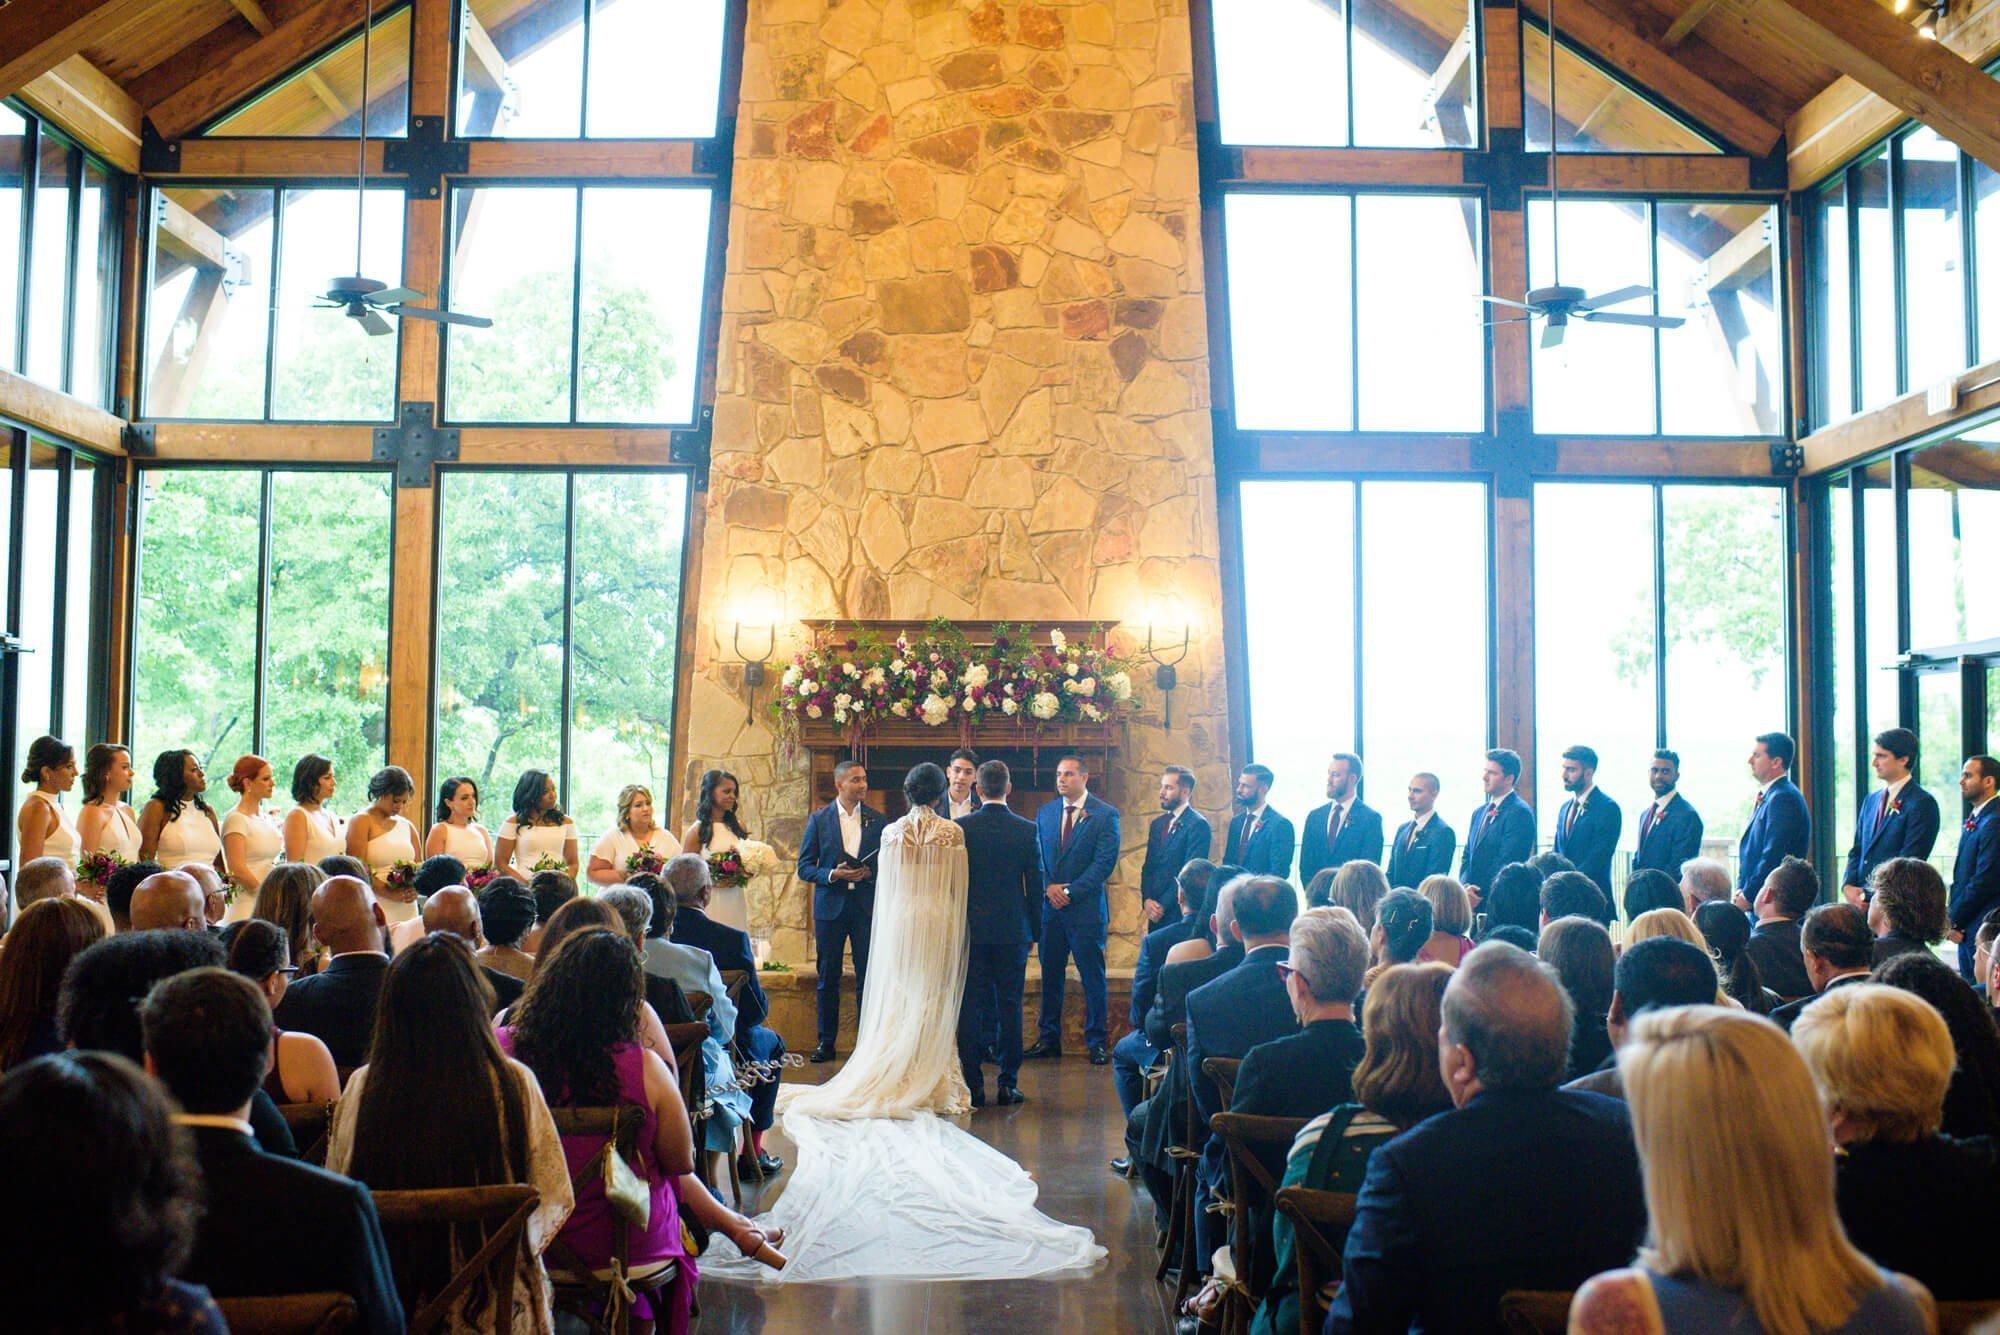 Baker Wedding - Jeremy Mennerick Photo - Ceremony4